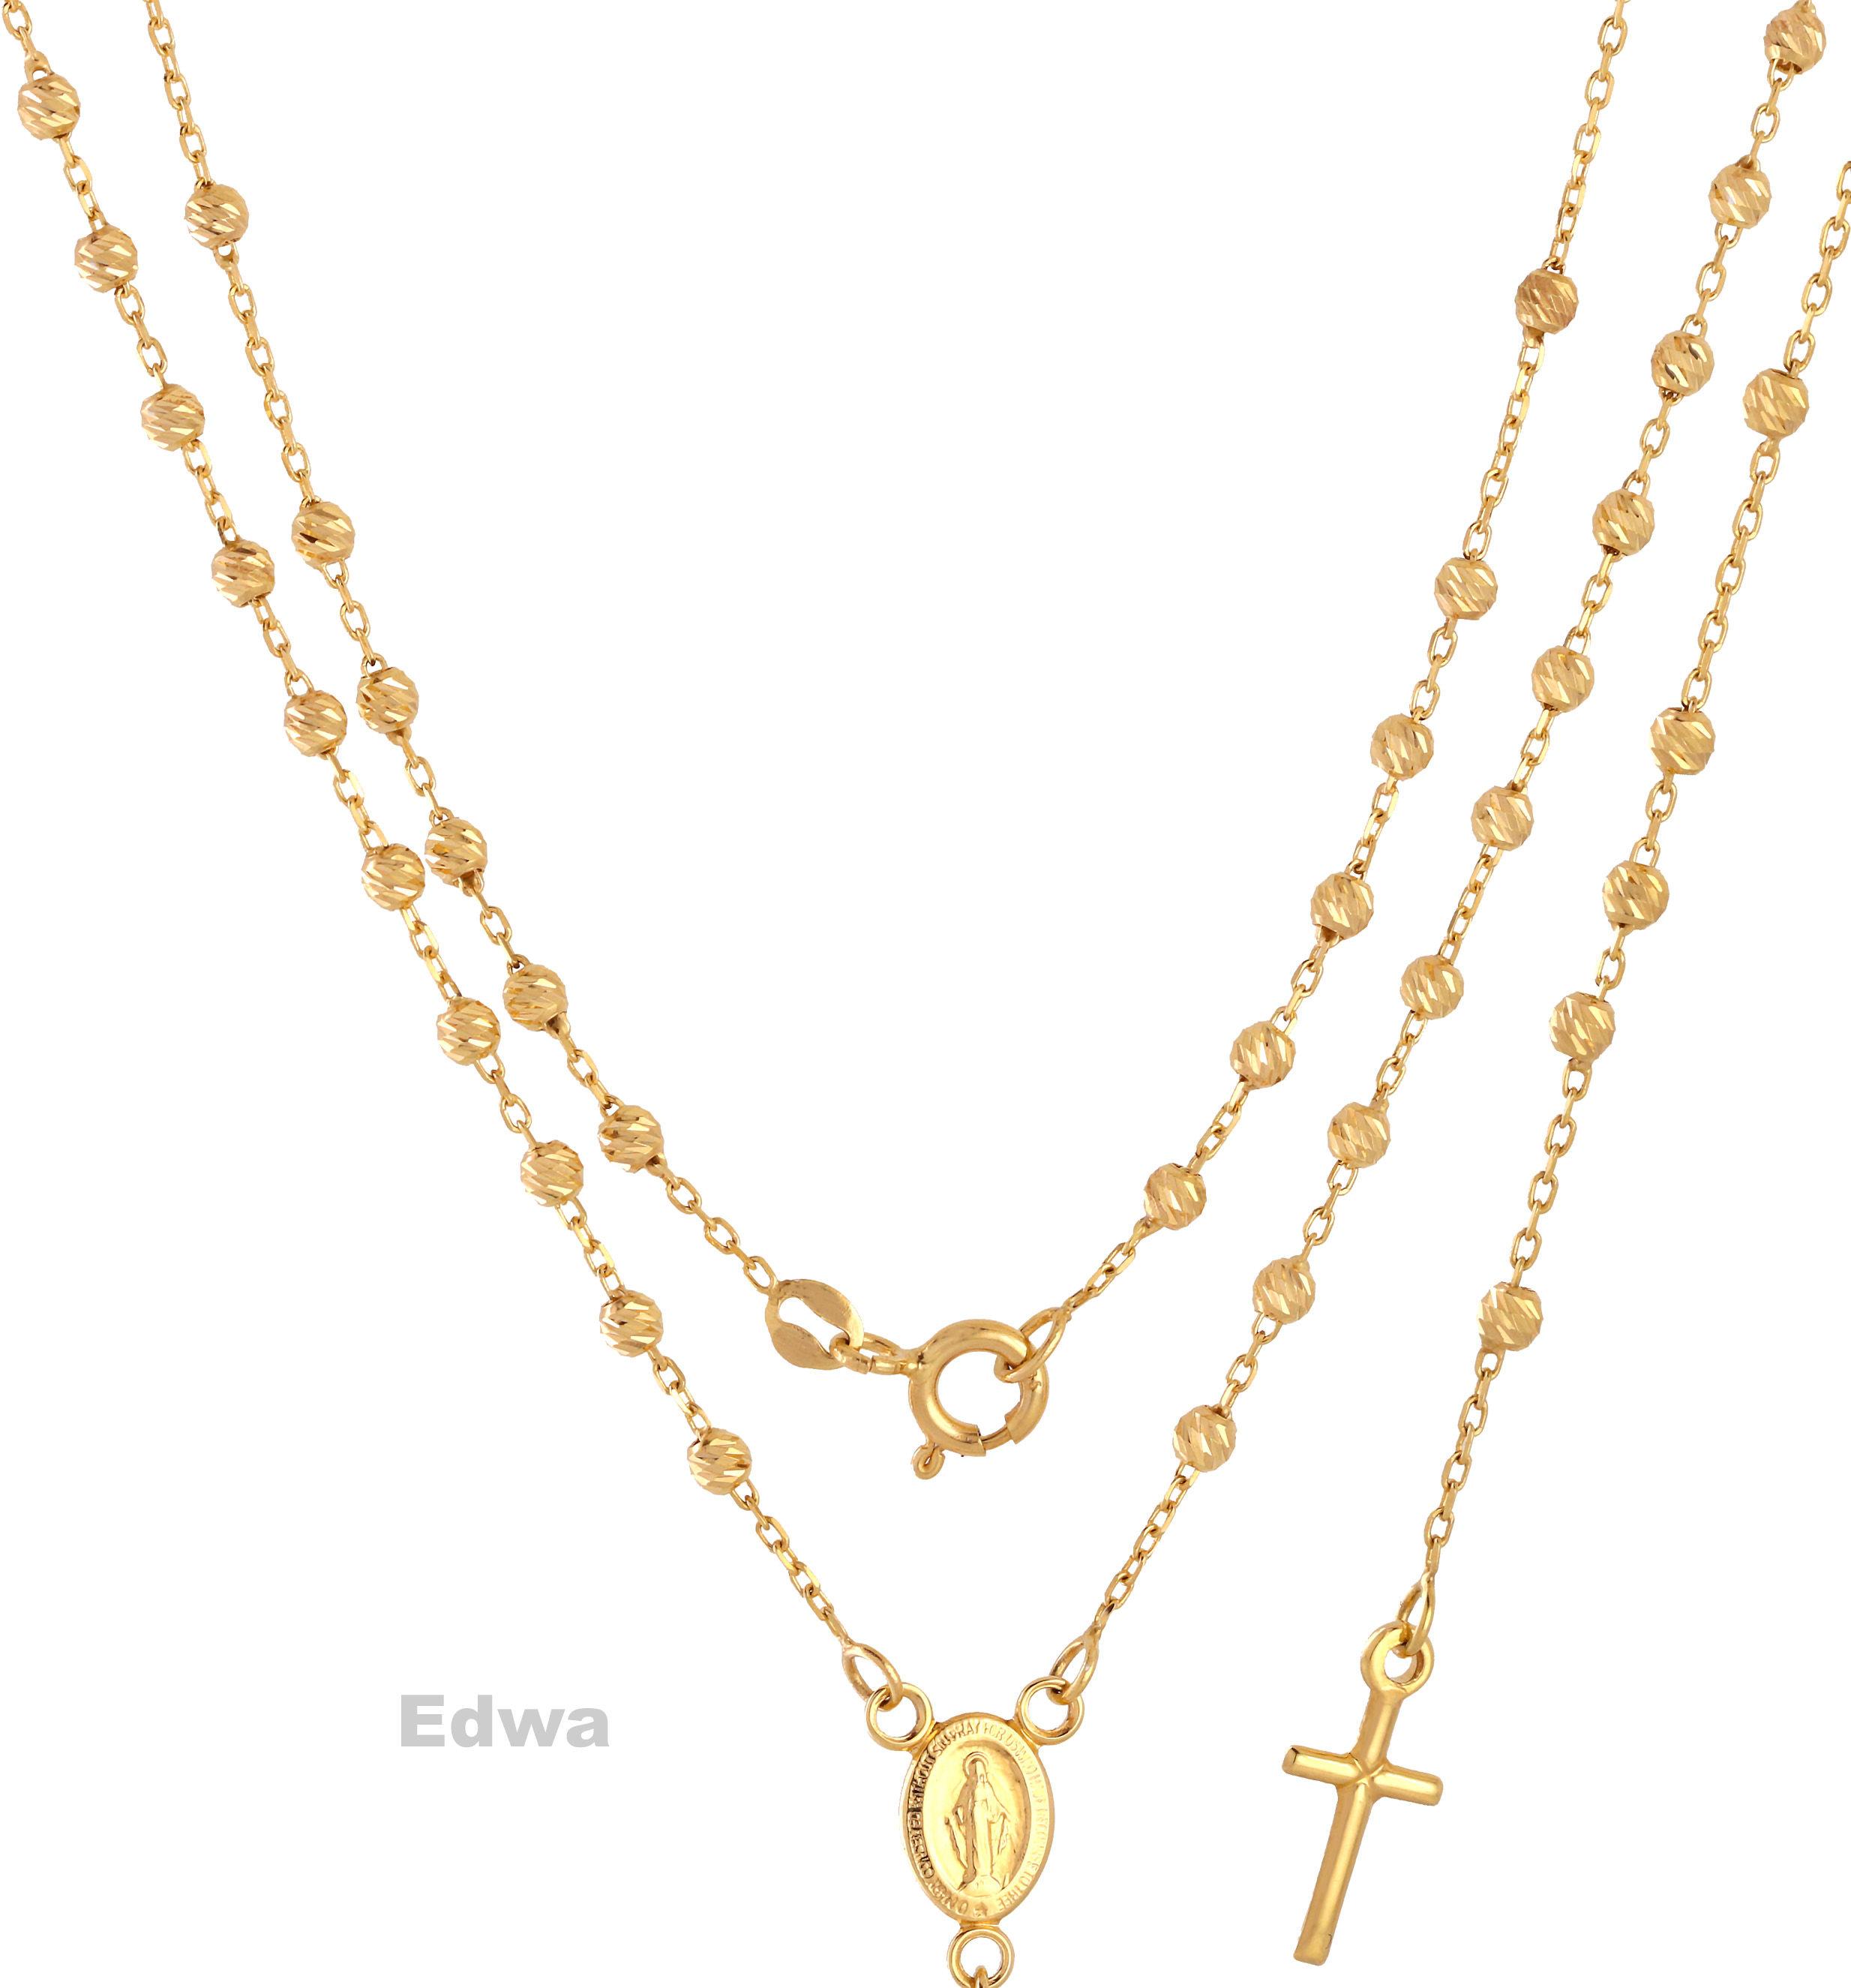 Łańcuszek Różaniec złoty pr.585 44-52 cm